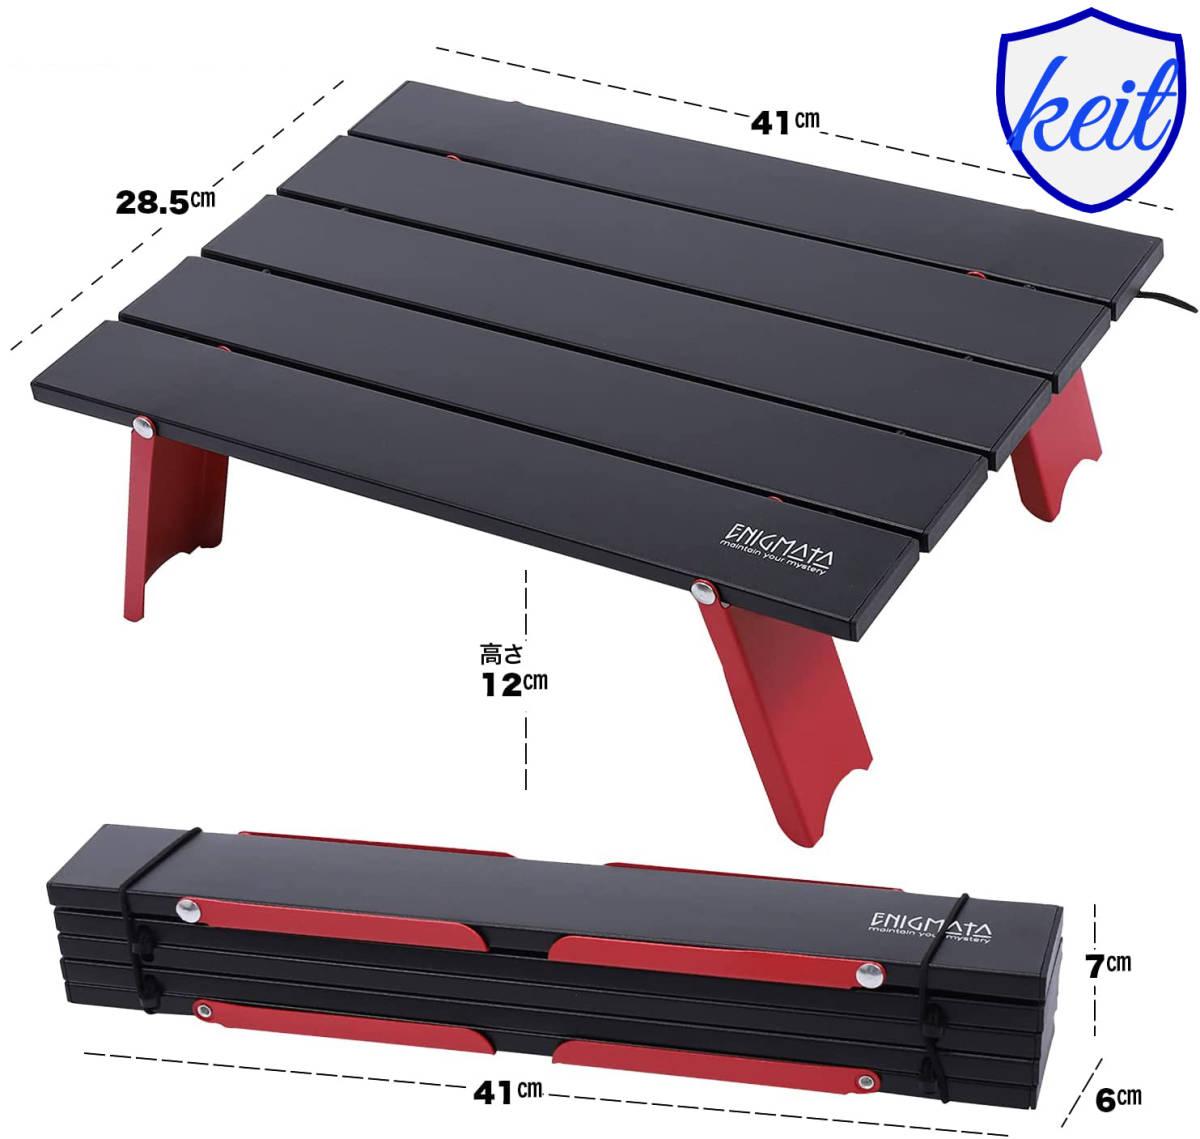 アウトドアテーブル ローテーブル キャンプ アウトドア 軽量 折り畳み式 コンパクト アルミ製 ブラック ktam55